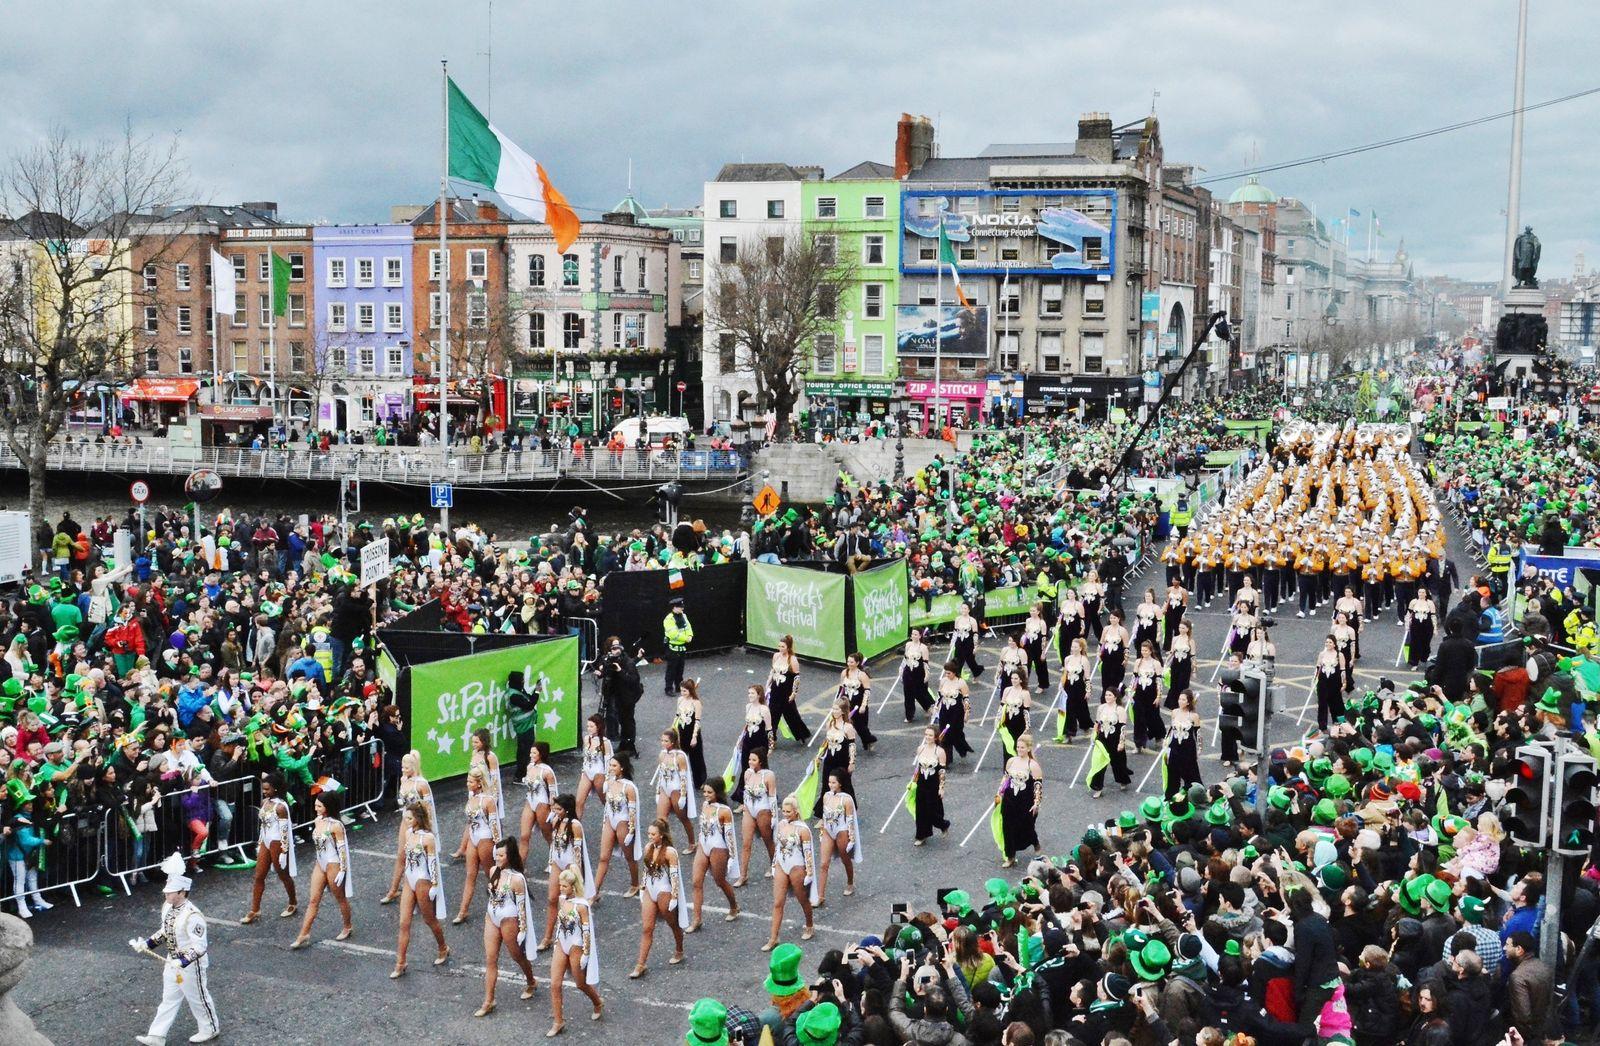 NICHT MEHR VERWENDEN! - EINMALIGE VERWENDUNG Reiseziele/ März/ St Patricks Day